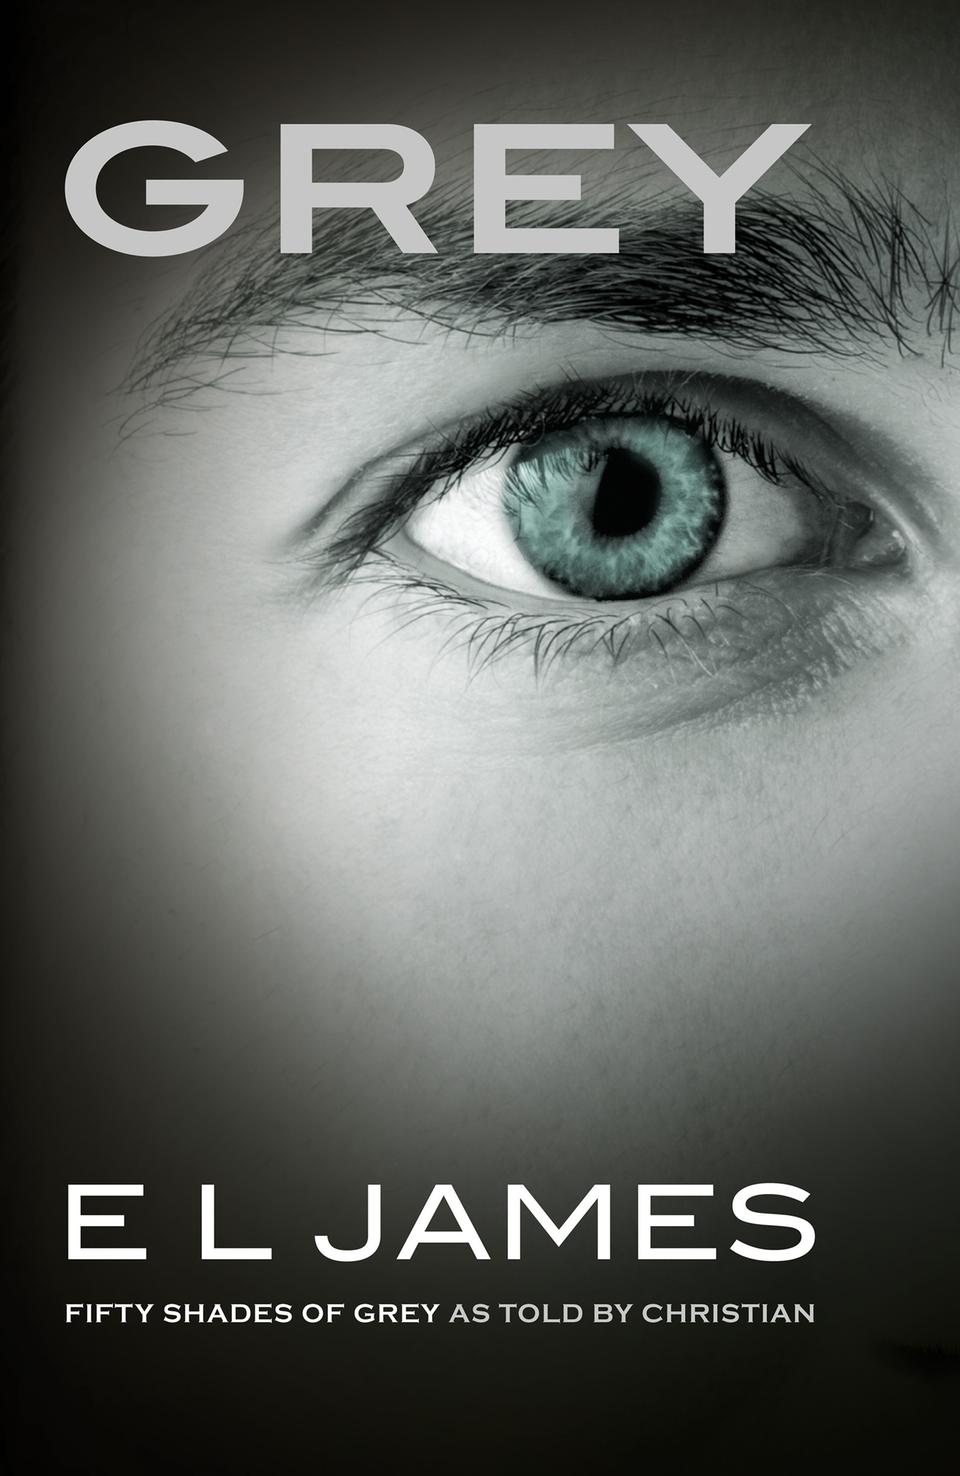 GREY - das ist das Cover des neuen Romans von E.L. James